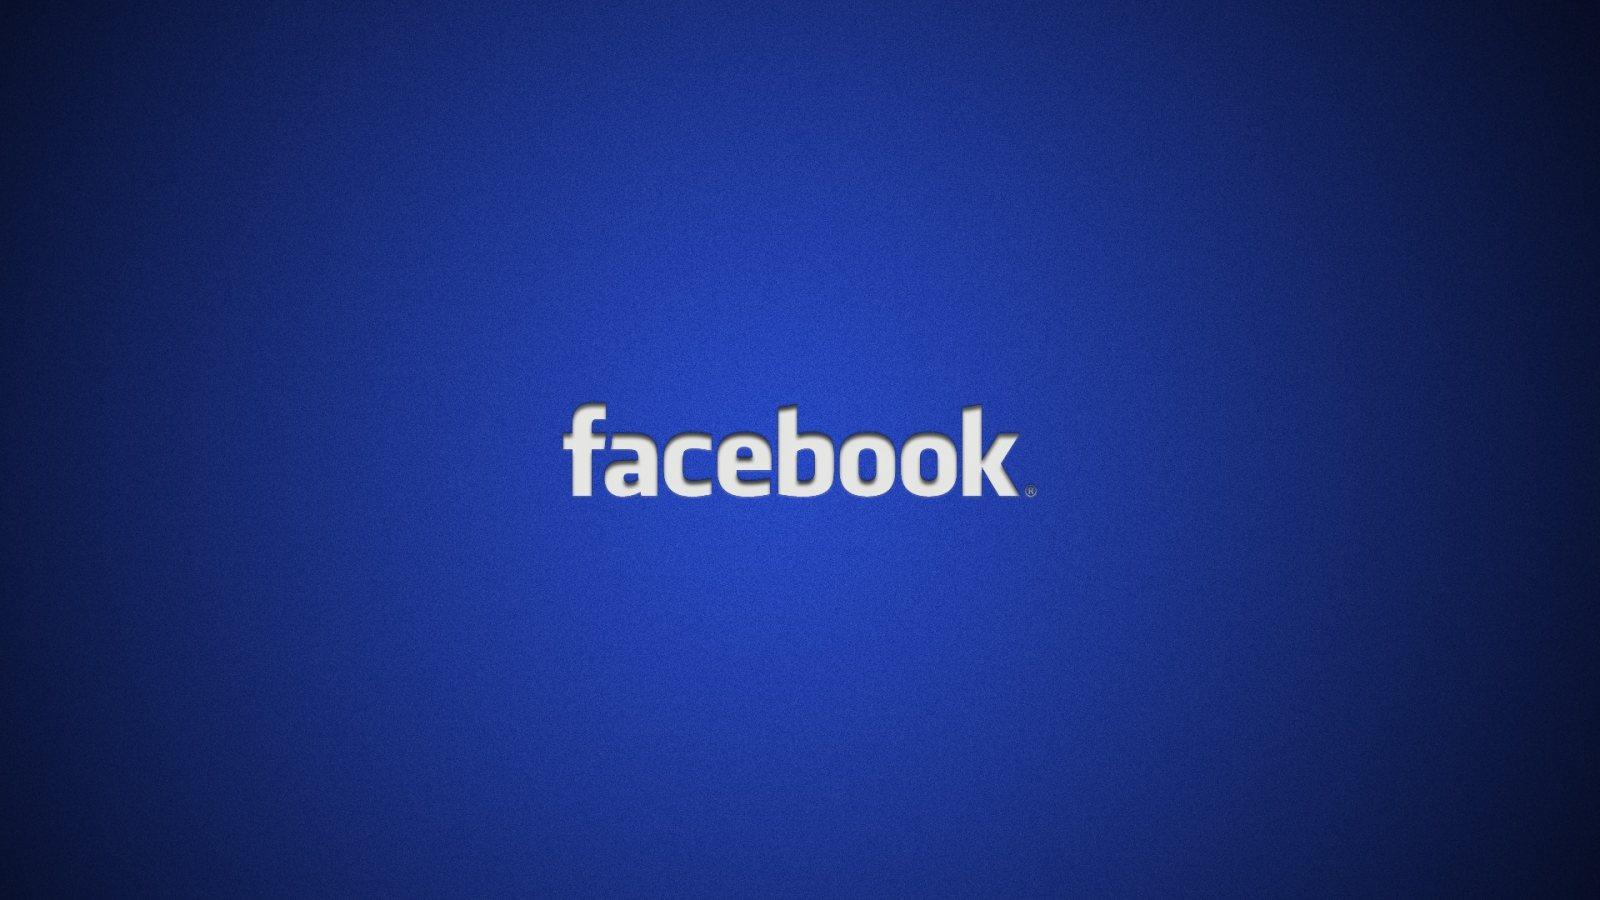 Como agendar posts e imagens no Facebook 1600x900